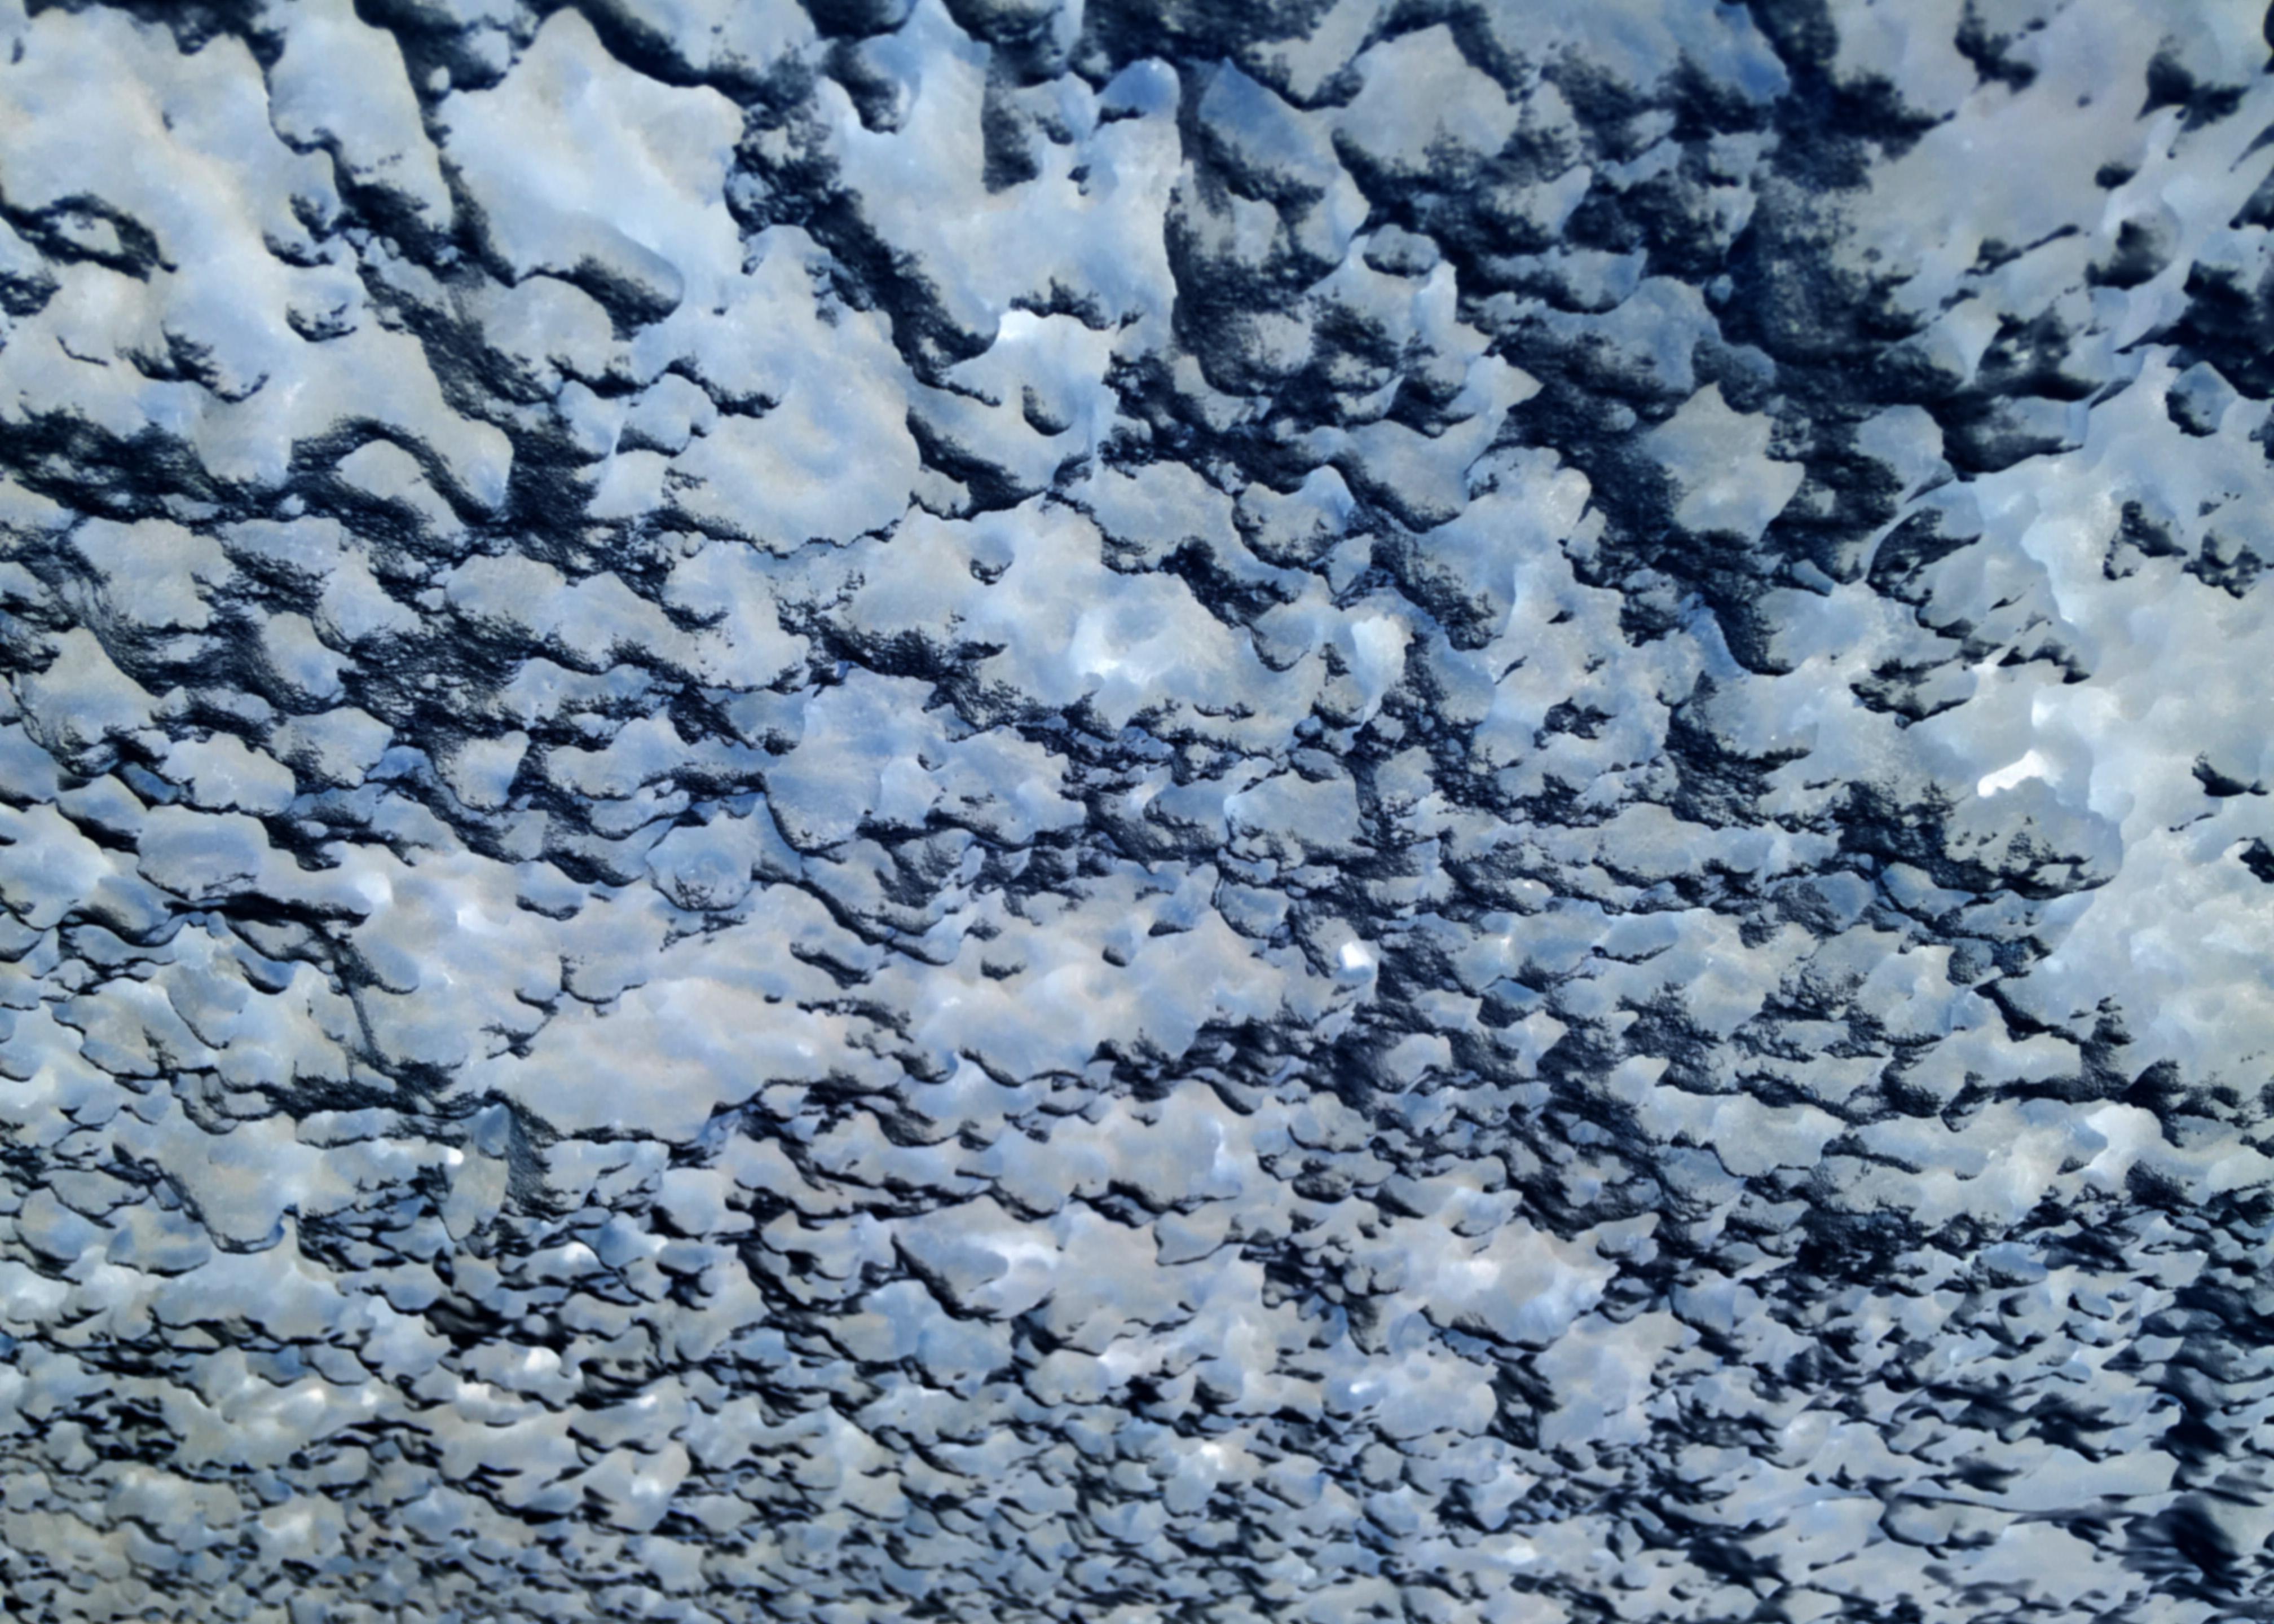 En abstrakt bild i blå toner föreställande molnformationer.